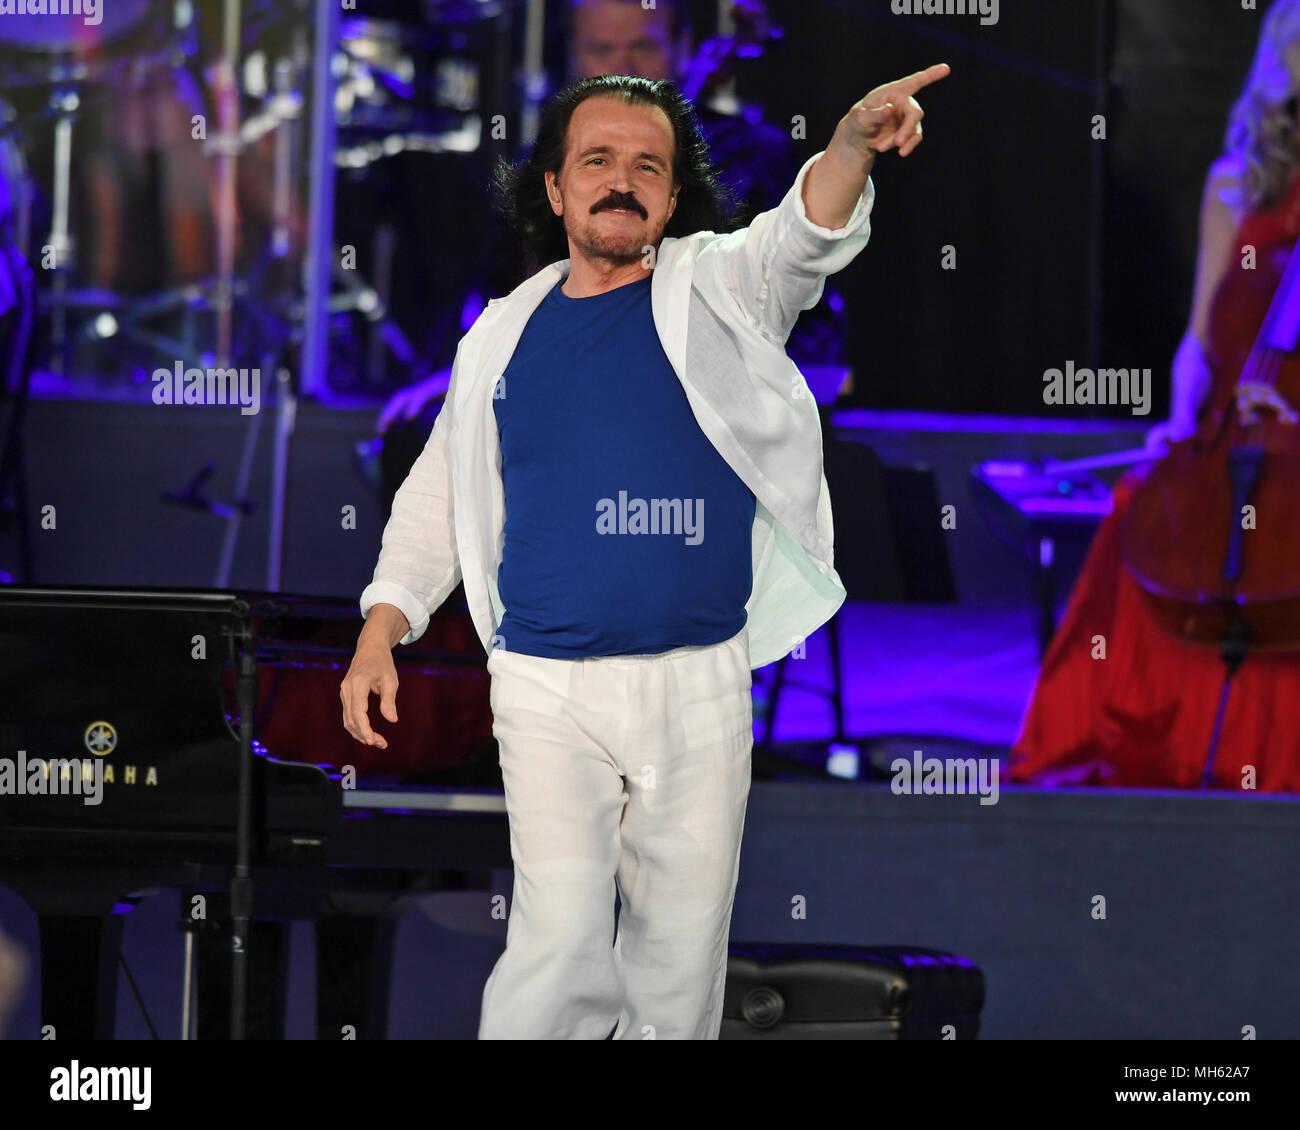 Concert De Yanni Photos & Concert De Yanni Images - Alamy